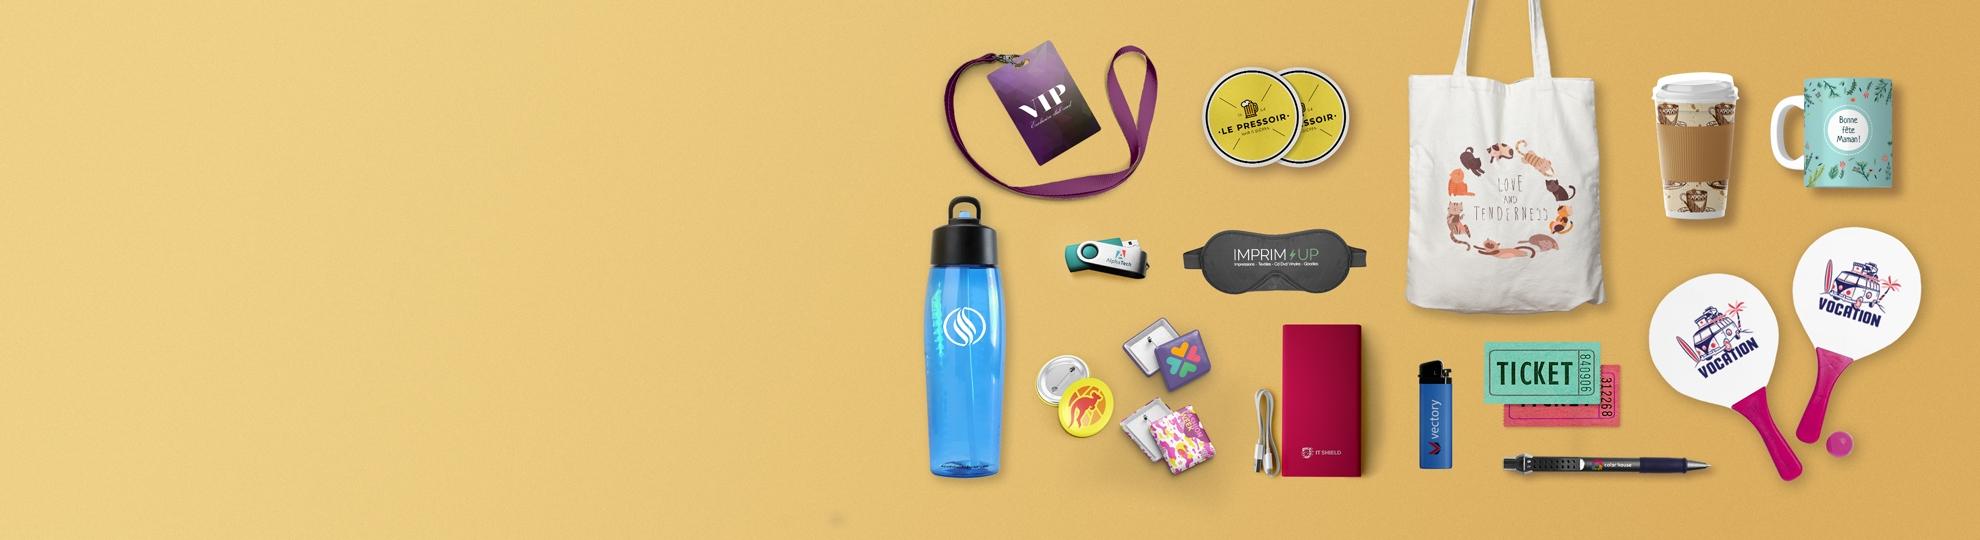 Impression sur objets publicitaires et cadeau entreprise personnalisés